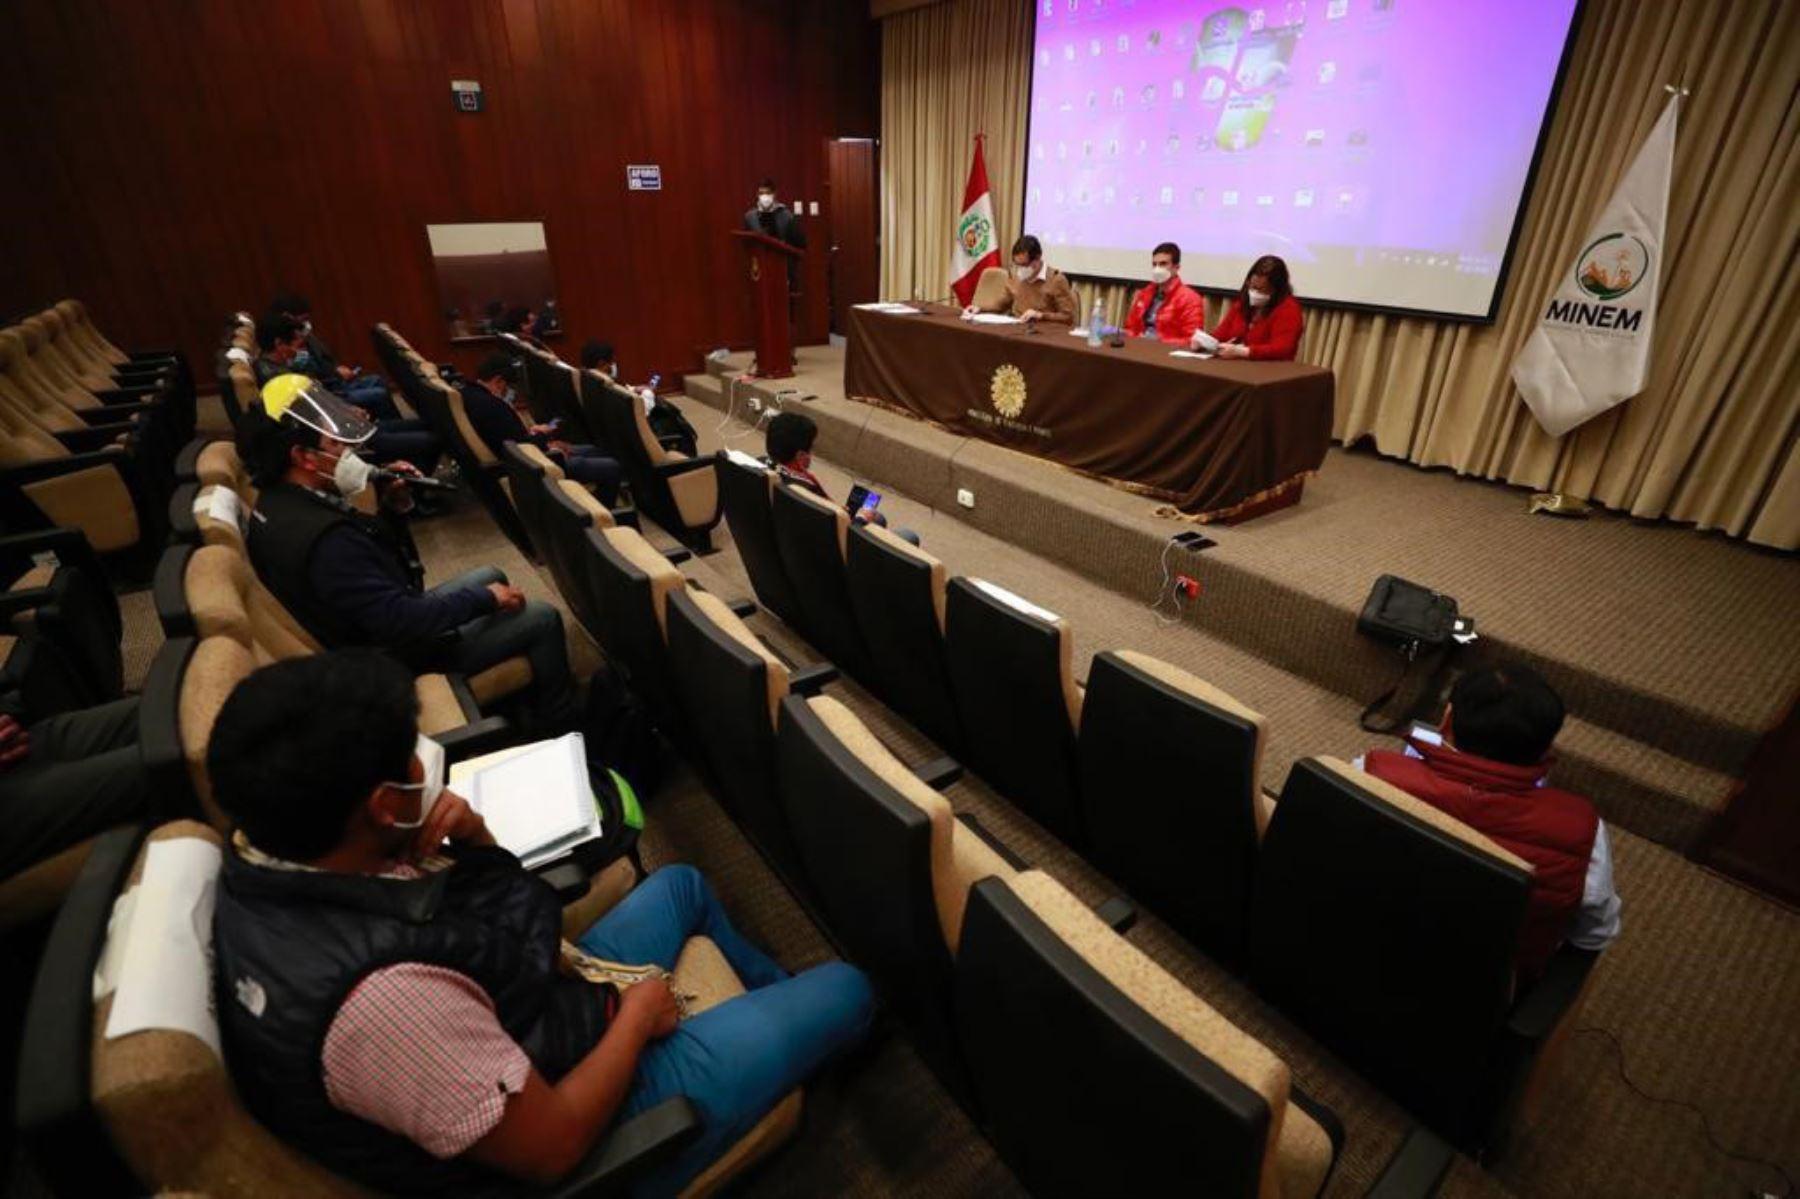 El Ministerio de Energía y Minas lamenta que no se pueda avanzar la negociación para alcanzar un acuerdo en beneficio de toda la provincia. ANDINA/Difusión